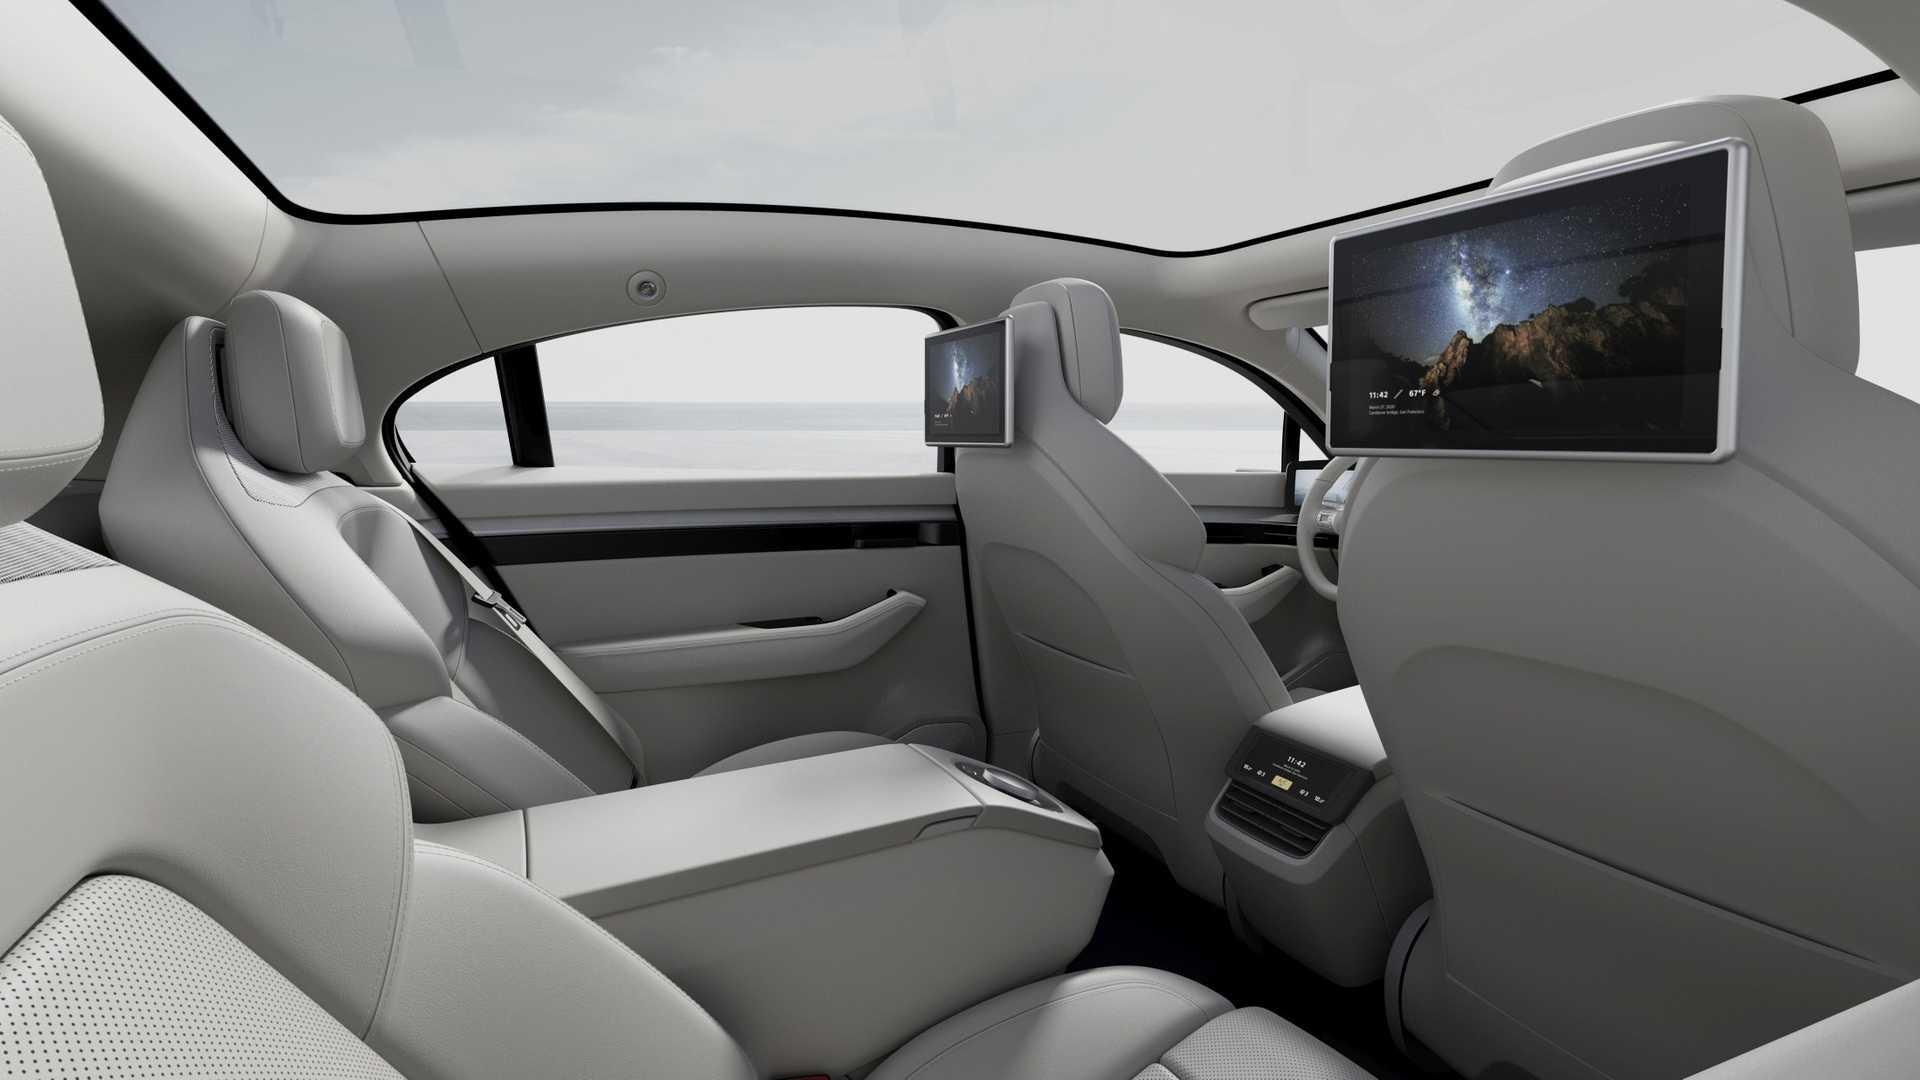 Cận cảnh chiếc xe điện Vision - S đến từ tương lai của Sony - Ảnh 4.